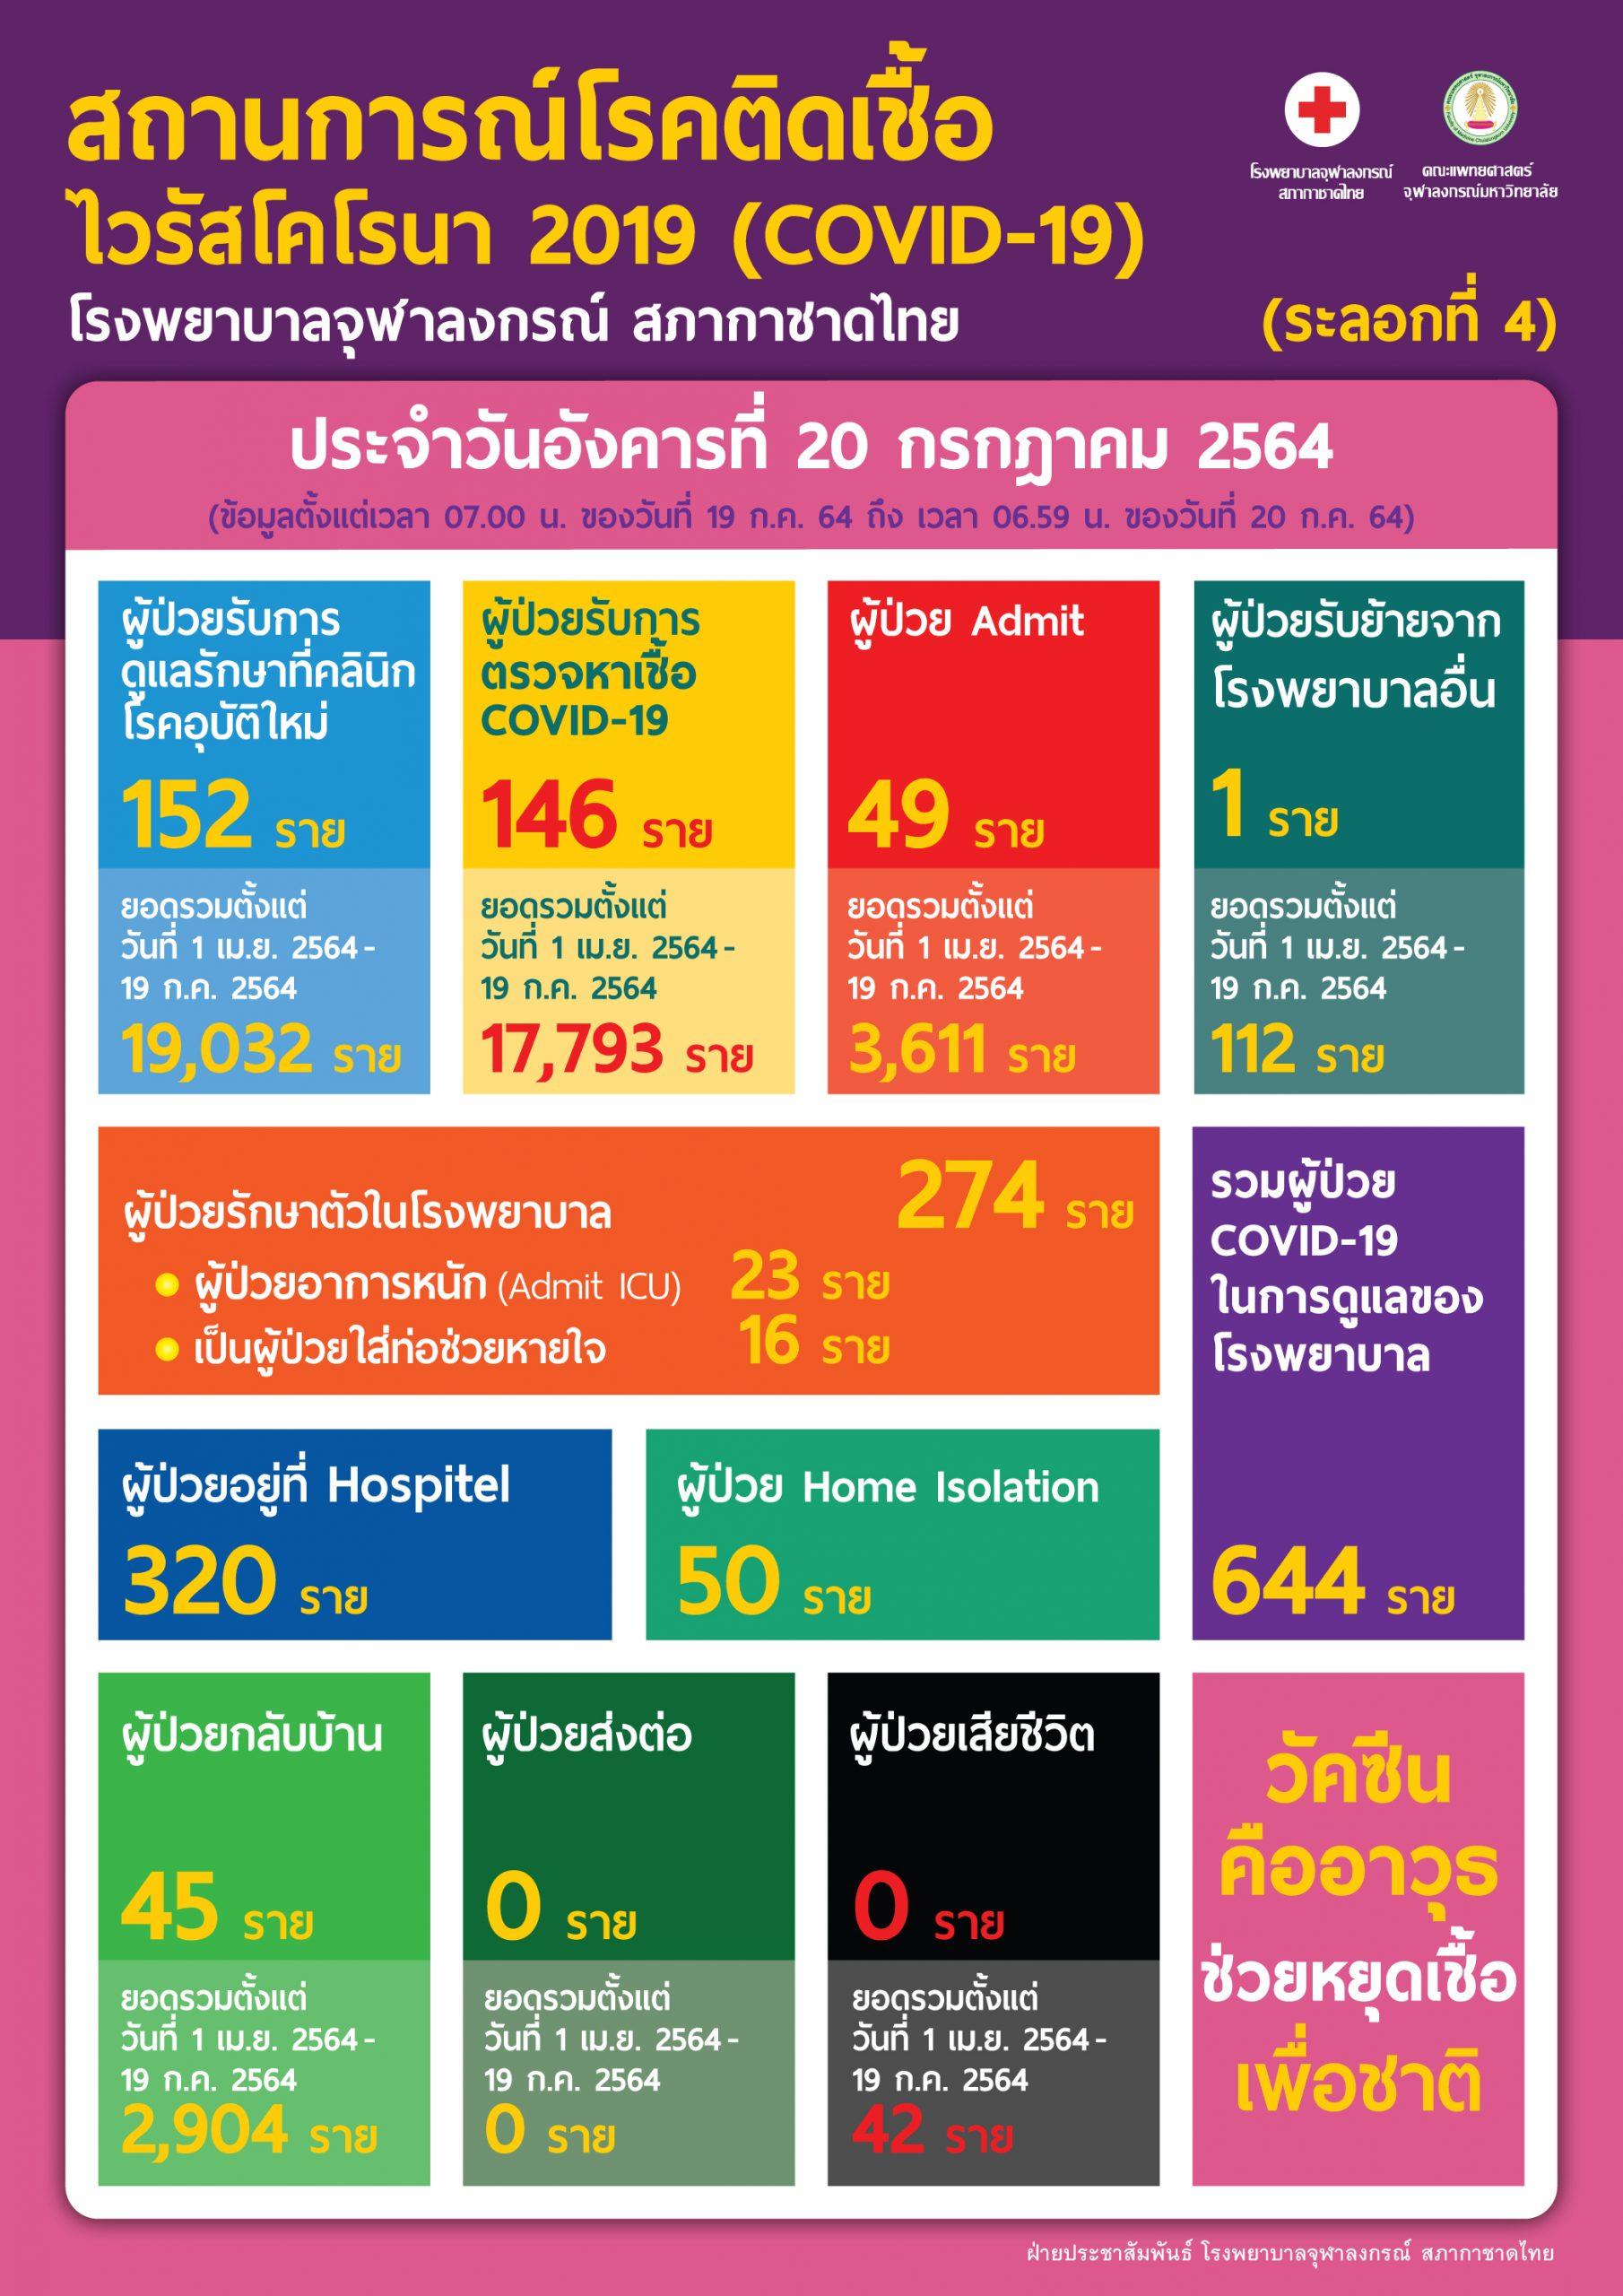 สถานการณ์โรคติดเชื้อไวรัสโคโรนา 2019 (COVID-19) (ระลอกที่ 4) โรงพยาบาลจุฬาลงกรณ์ สภากาชาดไทย  ประจำวันอังคารที่ 20 กรกฎาคม 2564